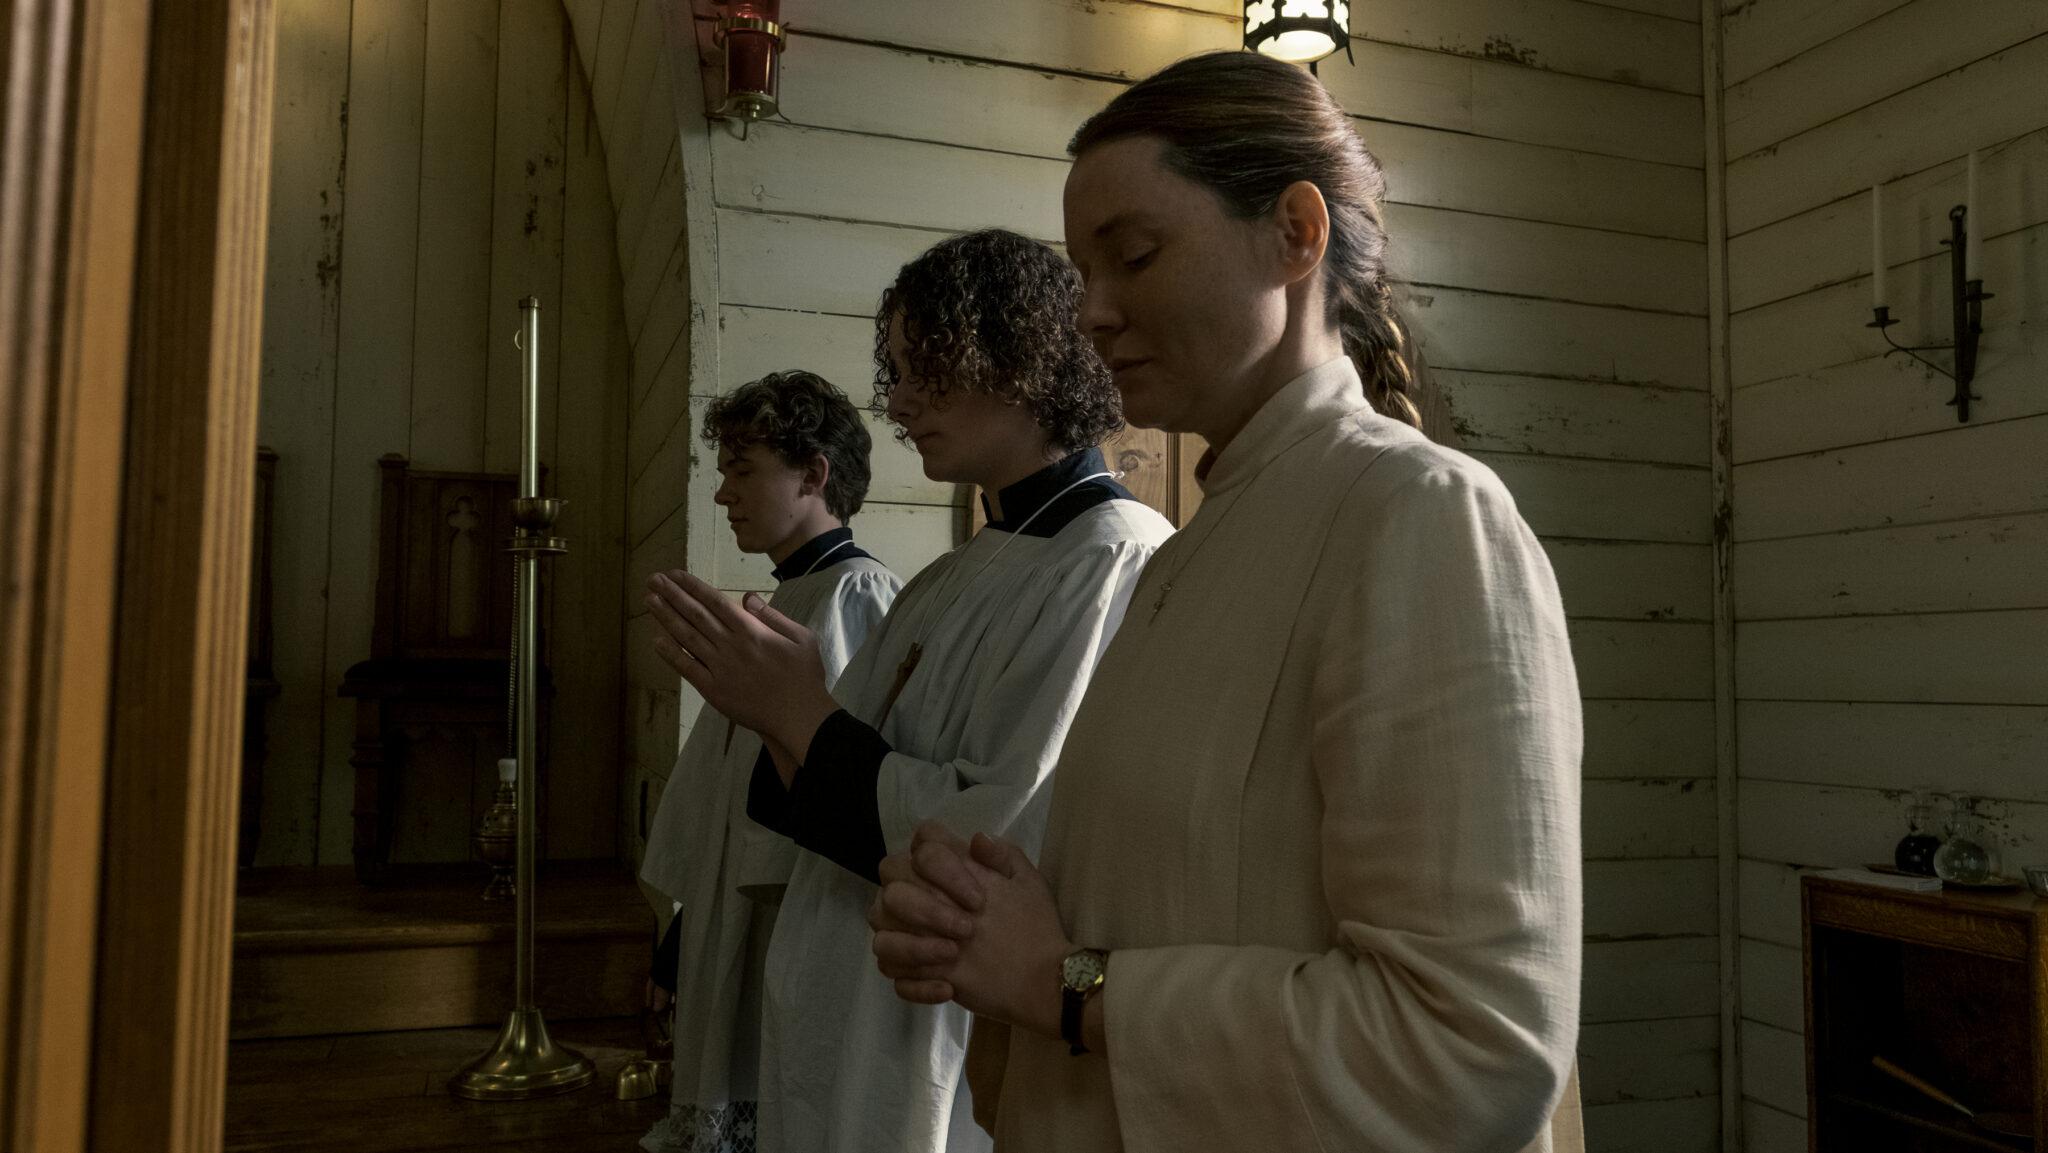 Man sieht drei weißbekleidete Messdiener mit betender Handhaltung vor einer weißen Holzwand; zwei sind junge Männer, eine ist eine erwachsene Frau - Midnight Mass